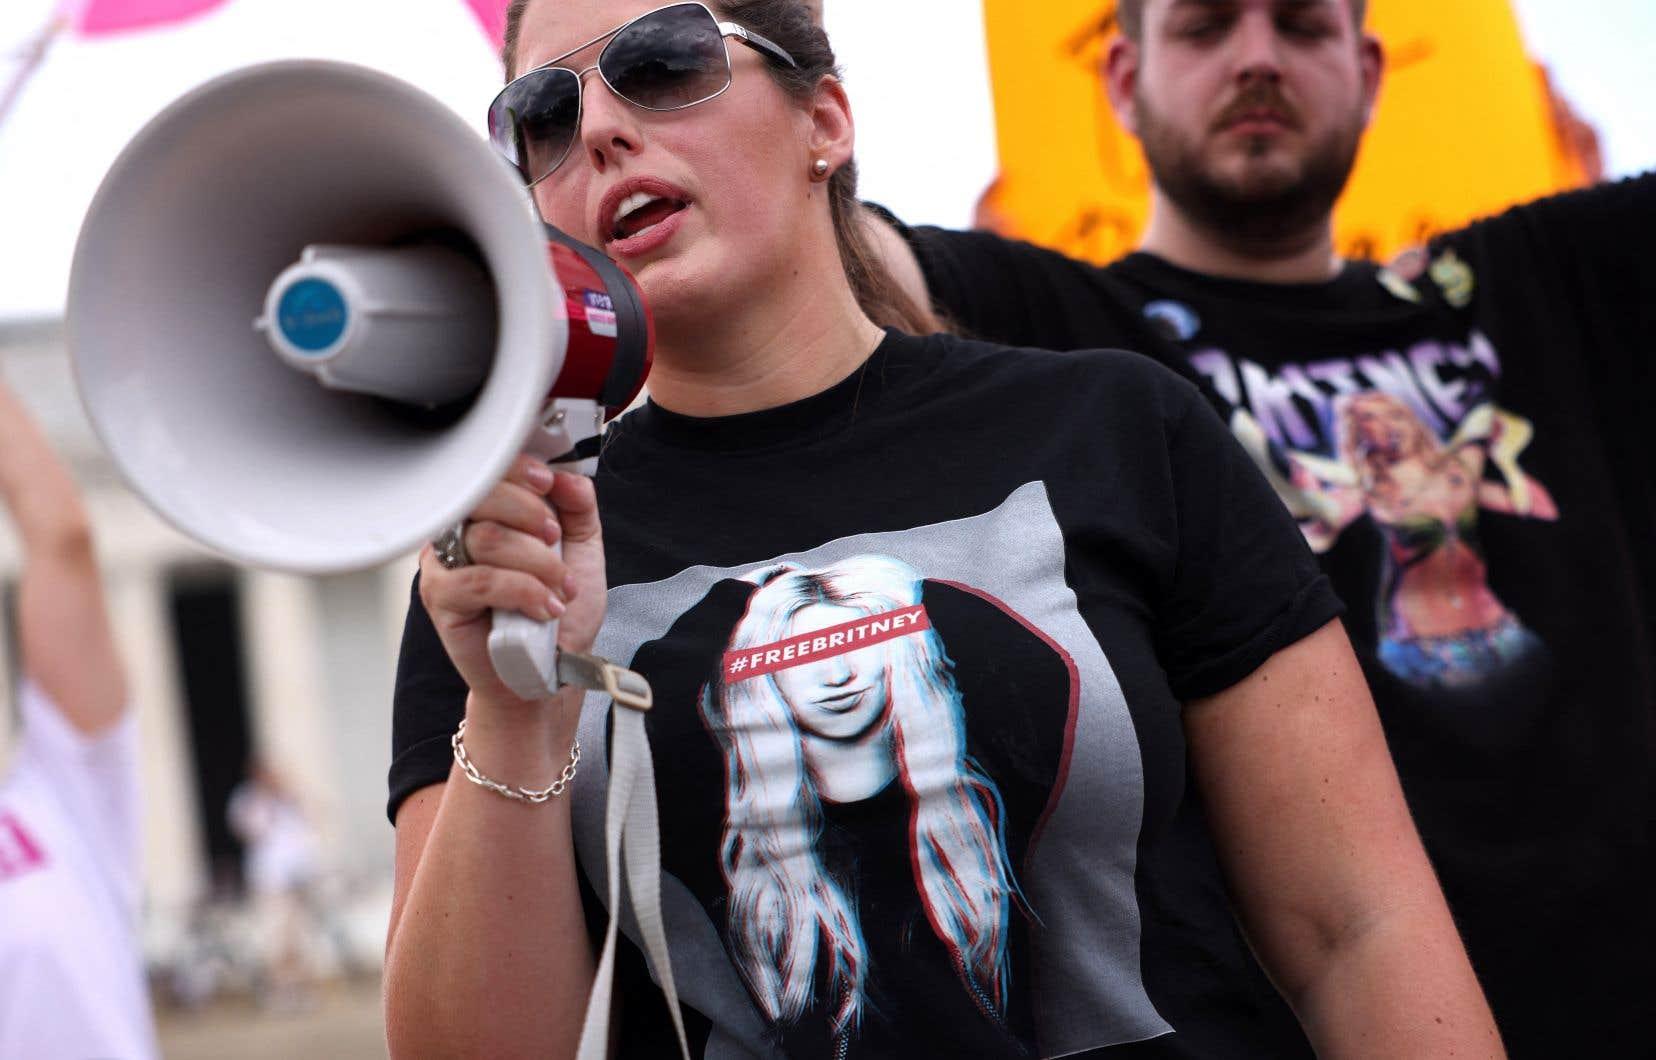 Des centaines de fans de la vedette de la pop étaient réunis devant le tribunal de Los Angeles mercredi, mais aussi à New York, Phoenix ou encore Londres, où ils ont organisé des rassemblements de soutien.